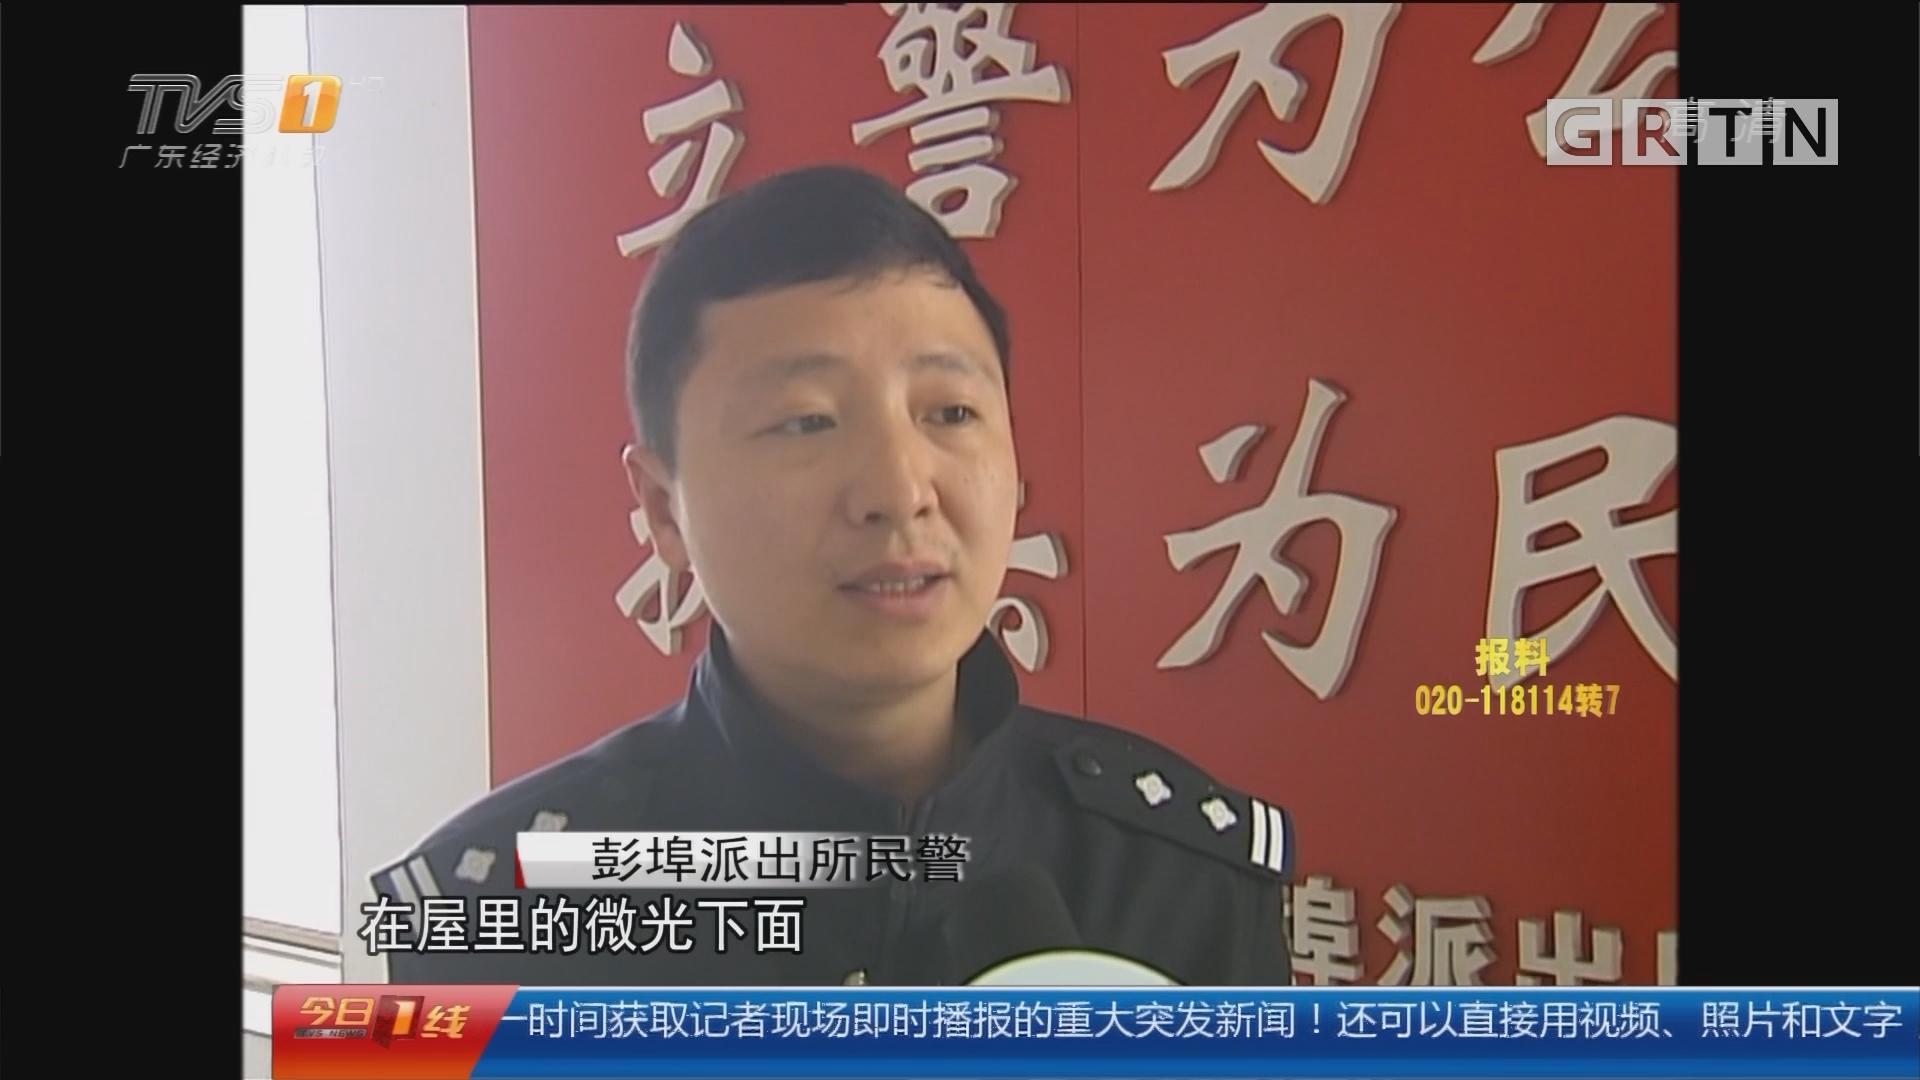 杭州:赤裸男半夜坐床尾 女士吓得忙报警